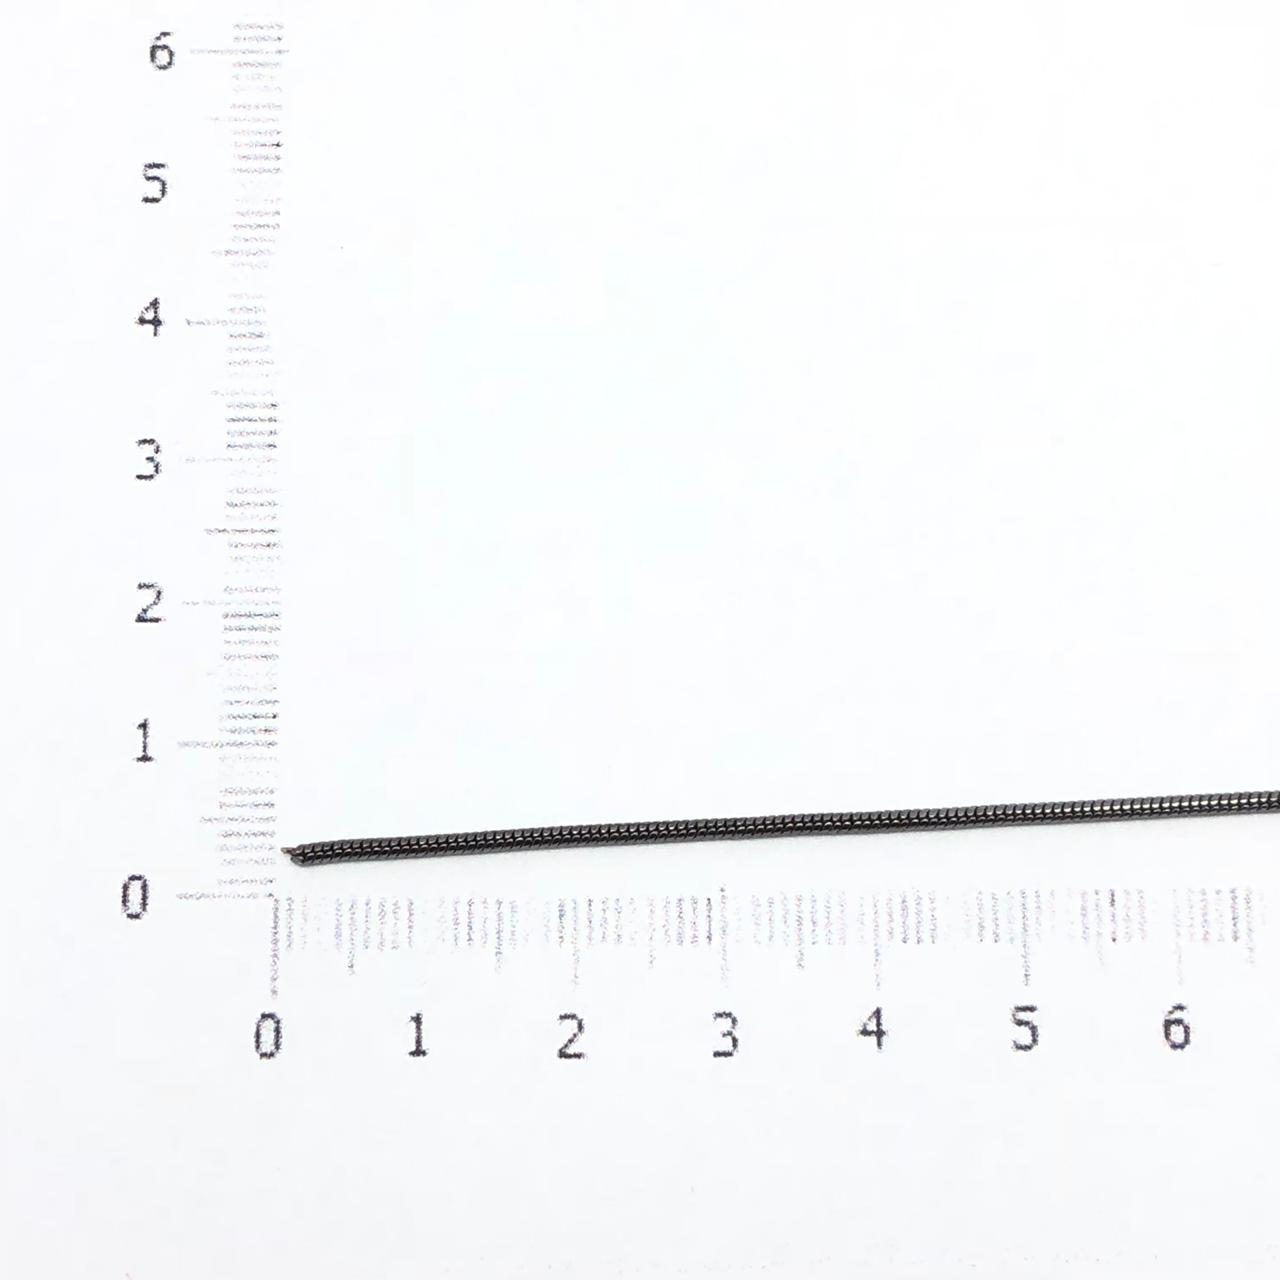 CR221 - Corrente Rabo de Rato 1mm Banhado Cor Grafite - 1metro